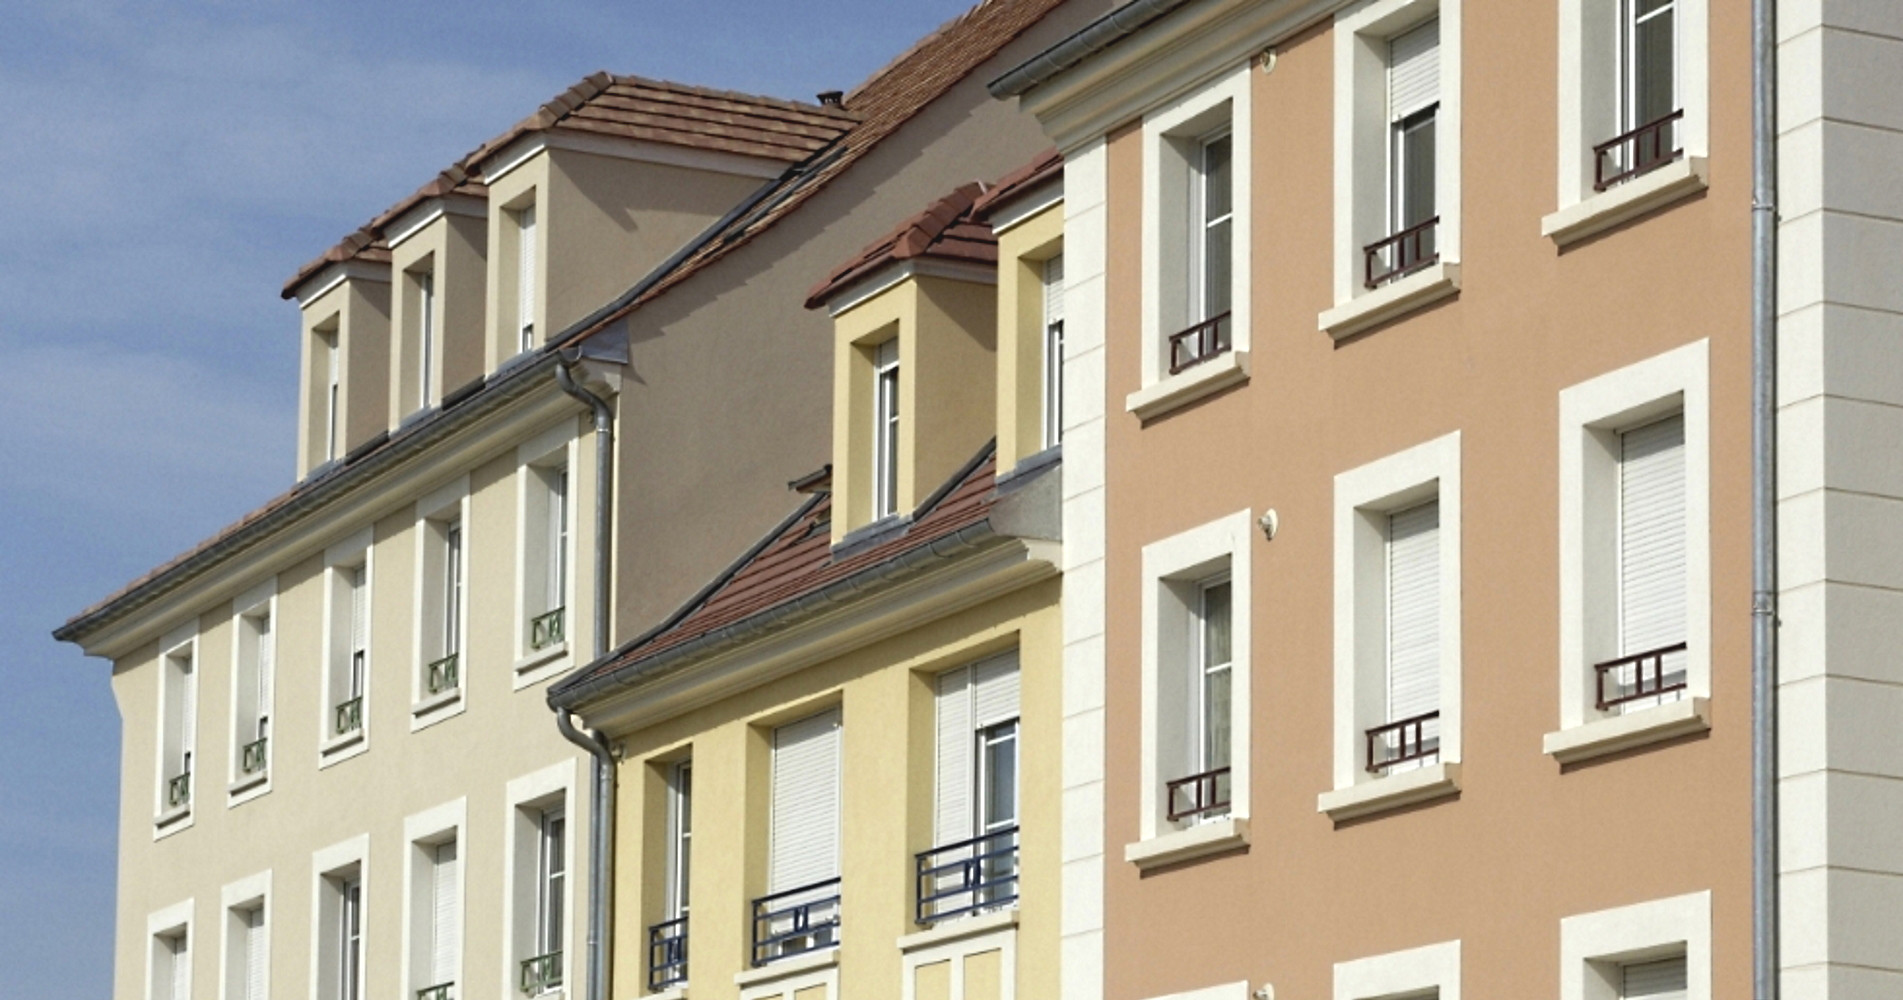 Peinture et ravalement des facades